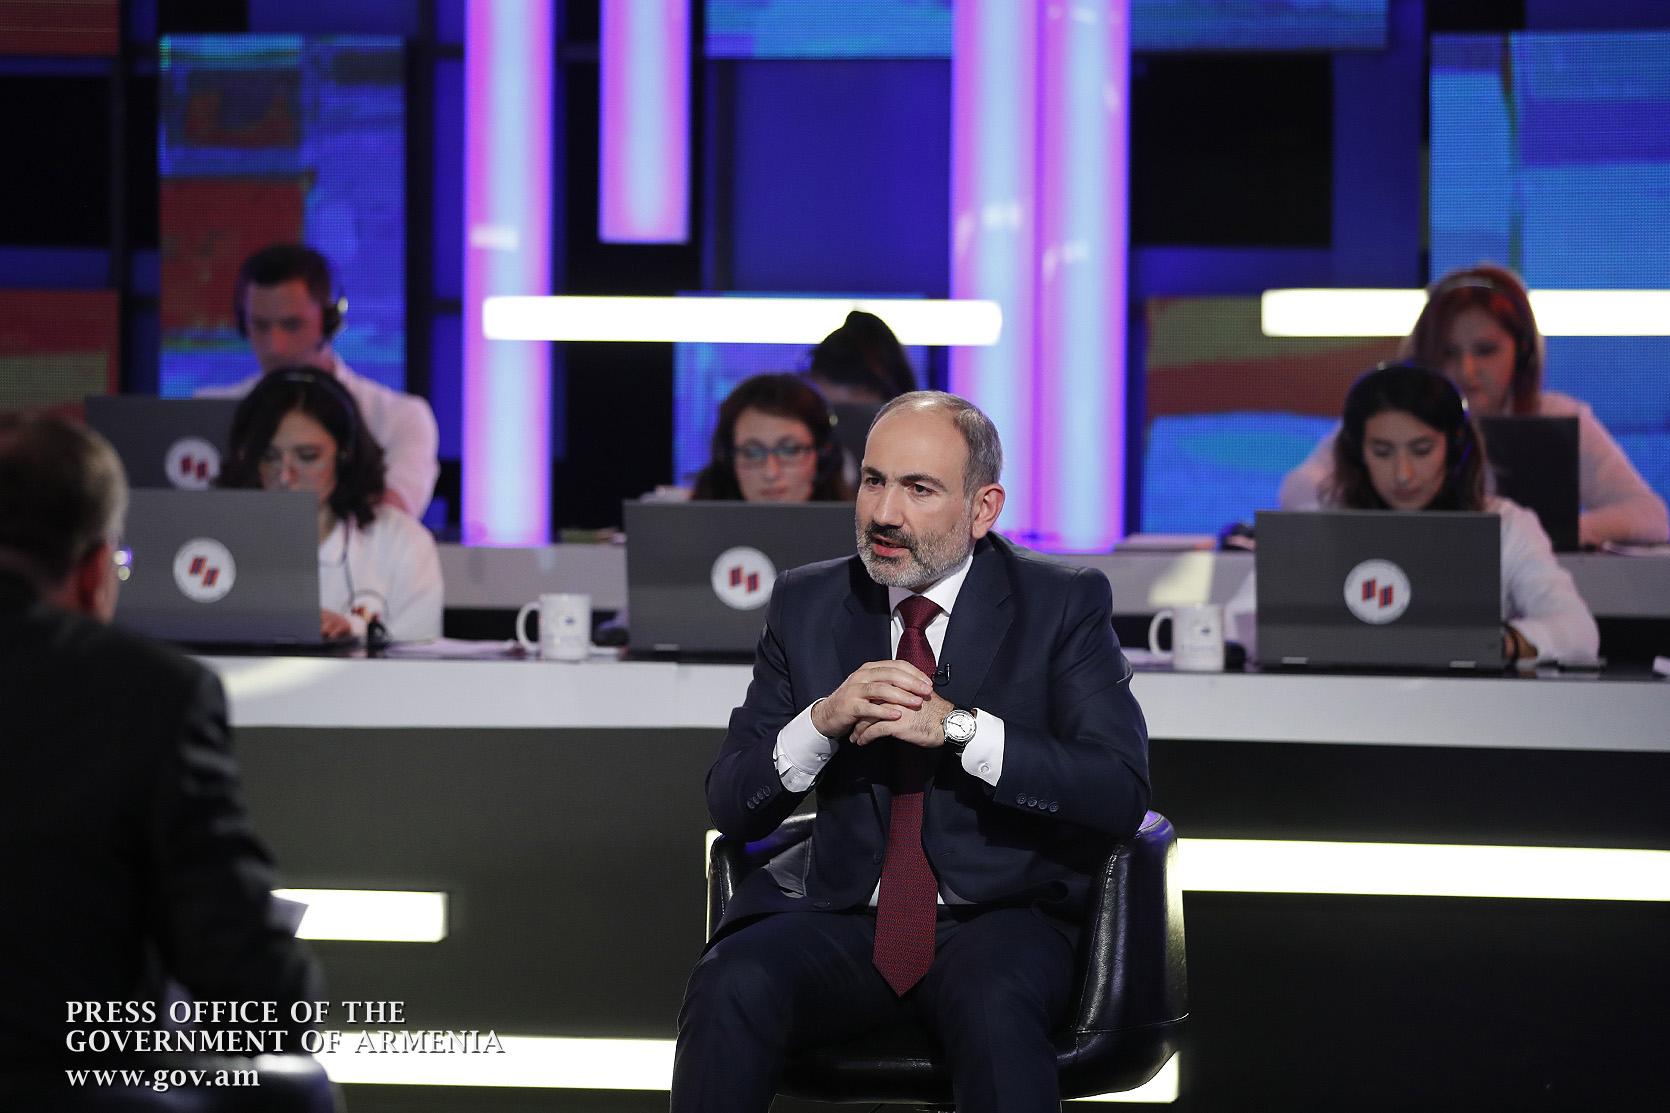 Հայաստանի և Արցախի ապագան կախված է մեկ մարդուց և այդ մեկ մարդը ես եմ. Փաշինյանի բանաձևը